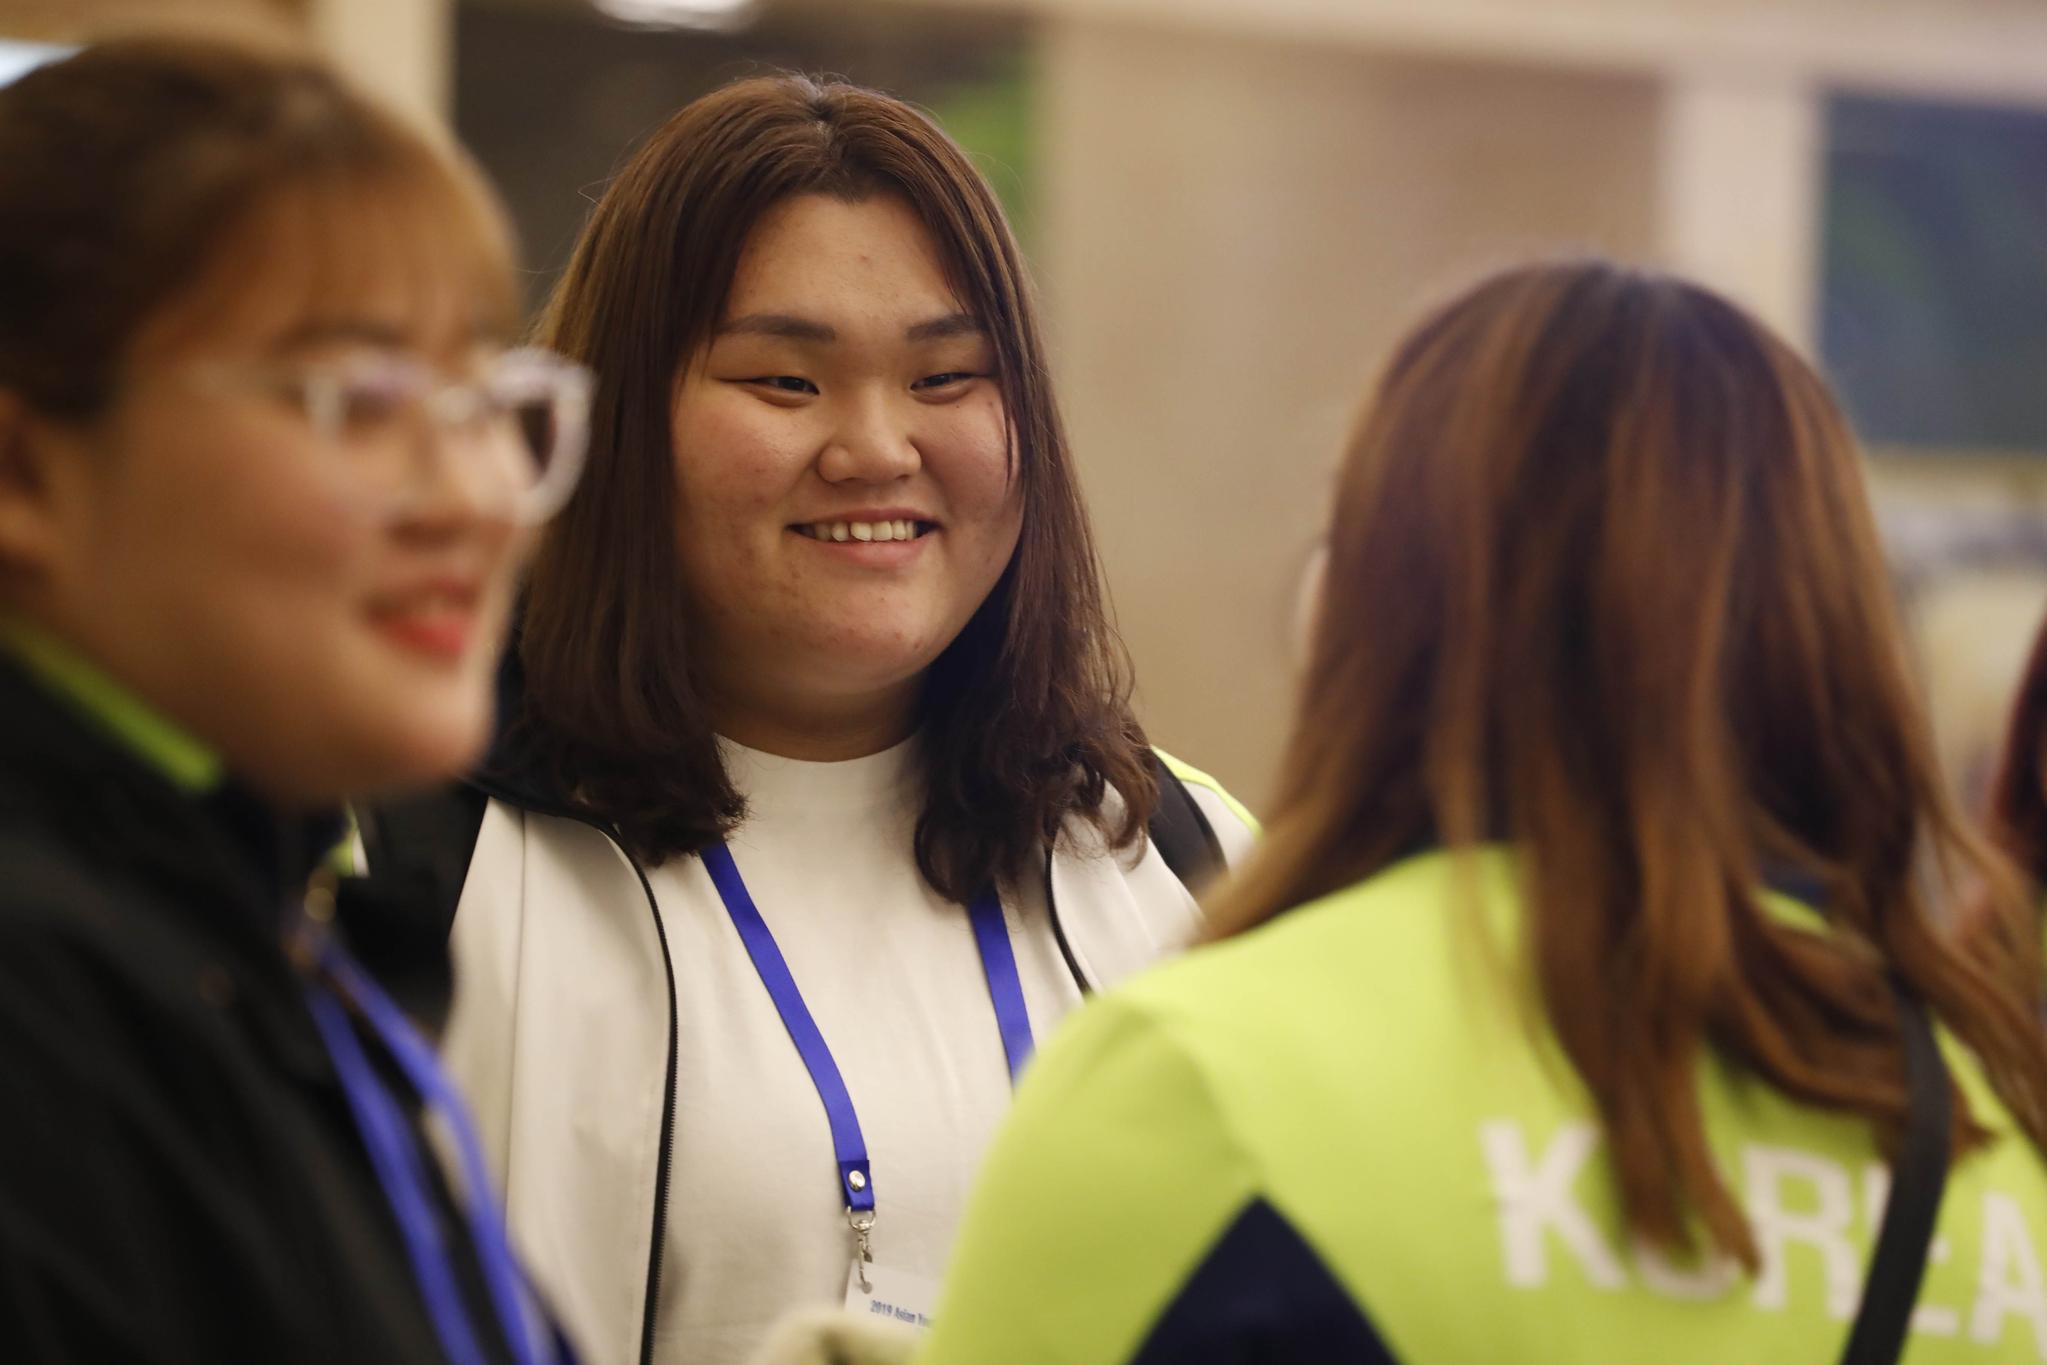 2019 아시아 유소년·주니어 역도선수권대회에 참가하는 한국 선수단 후발대가 중국 베이징을 거쳐 21일 숙소인 평양 양강도 국제호텔에 도착했다. 이날 도착한 이선미(가운데)가 선발대 선수들과 인사하고 있다. [평양=사진공동취재단]